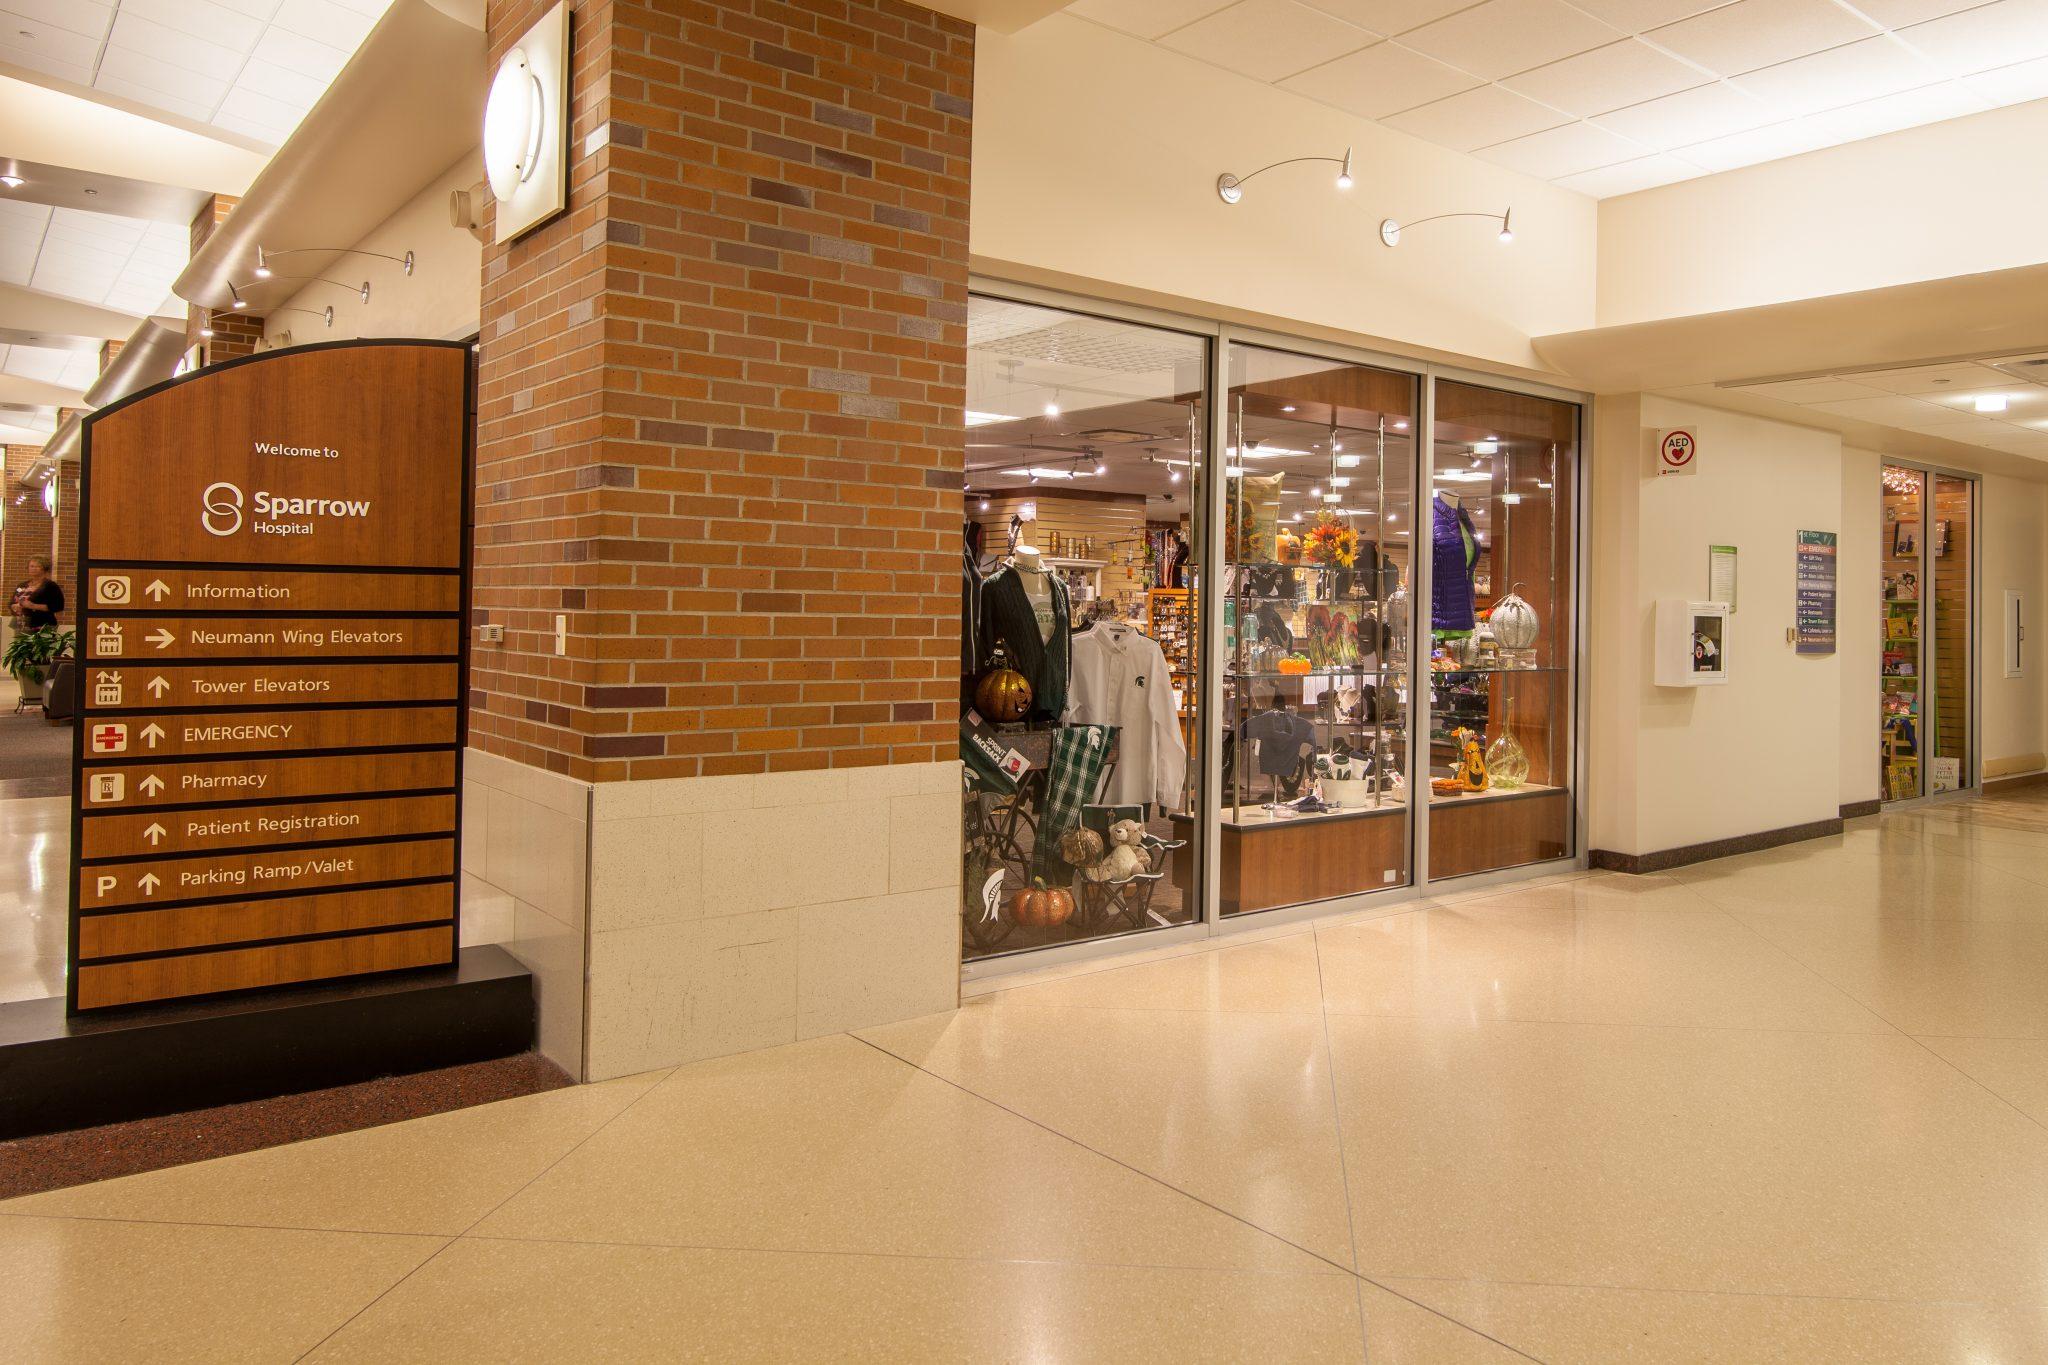 Photos from the Sparrow Hospital Gift Shop  Clark